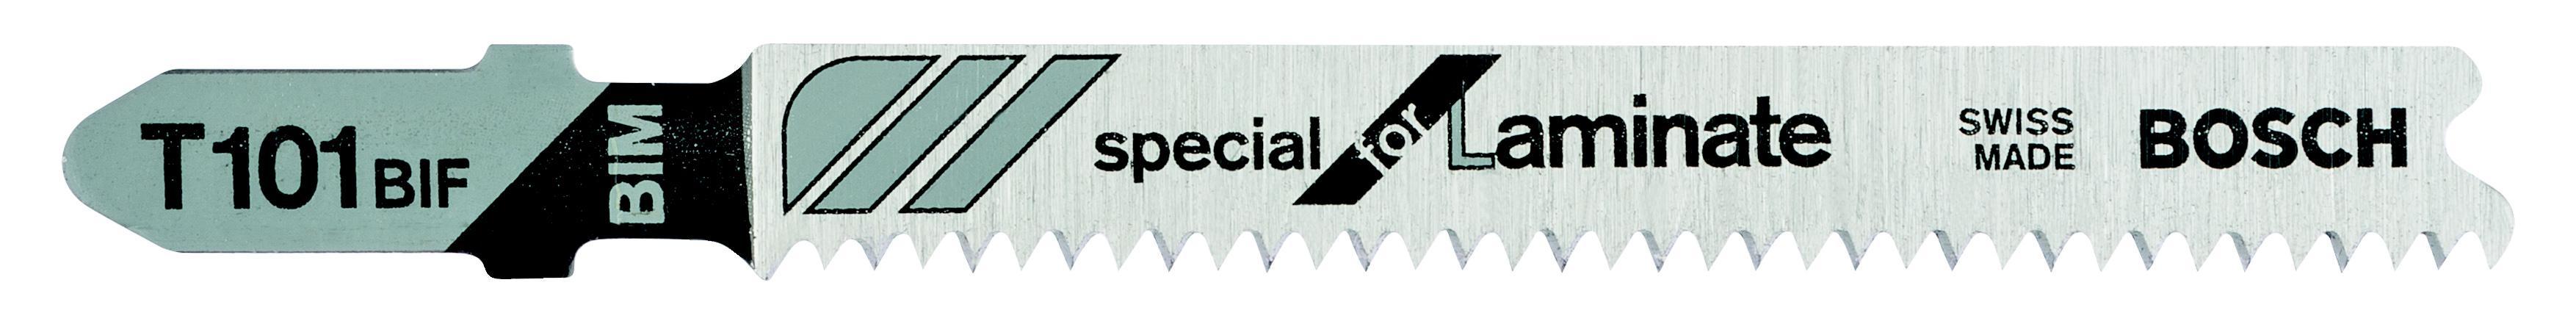 Купить Пилки для лобзика Bosch T101bif (2.608.636.431), Швейцария